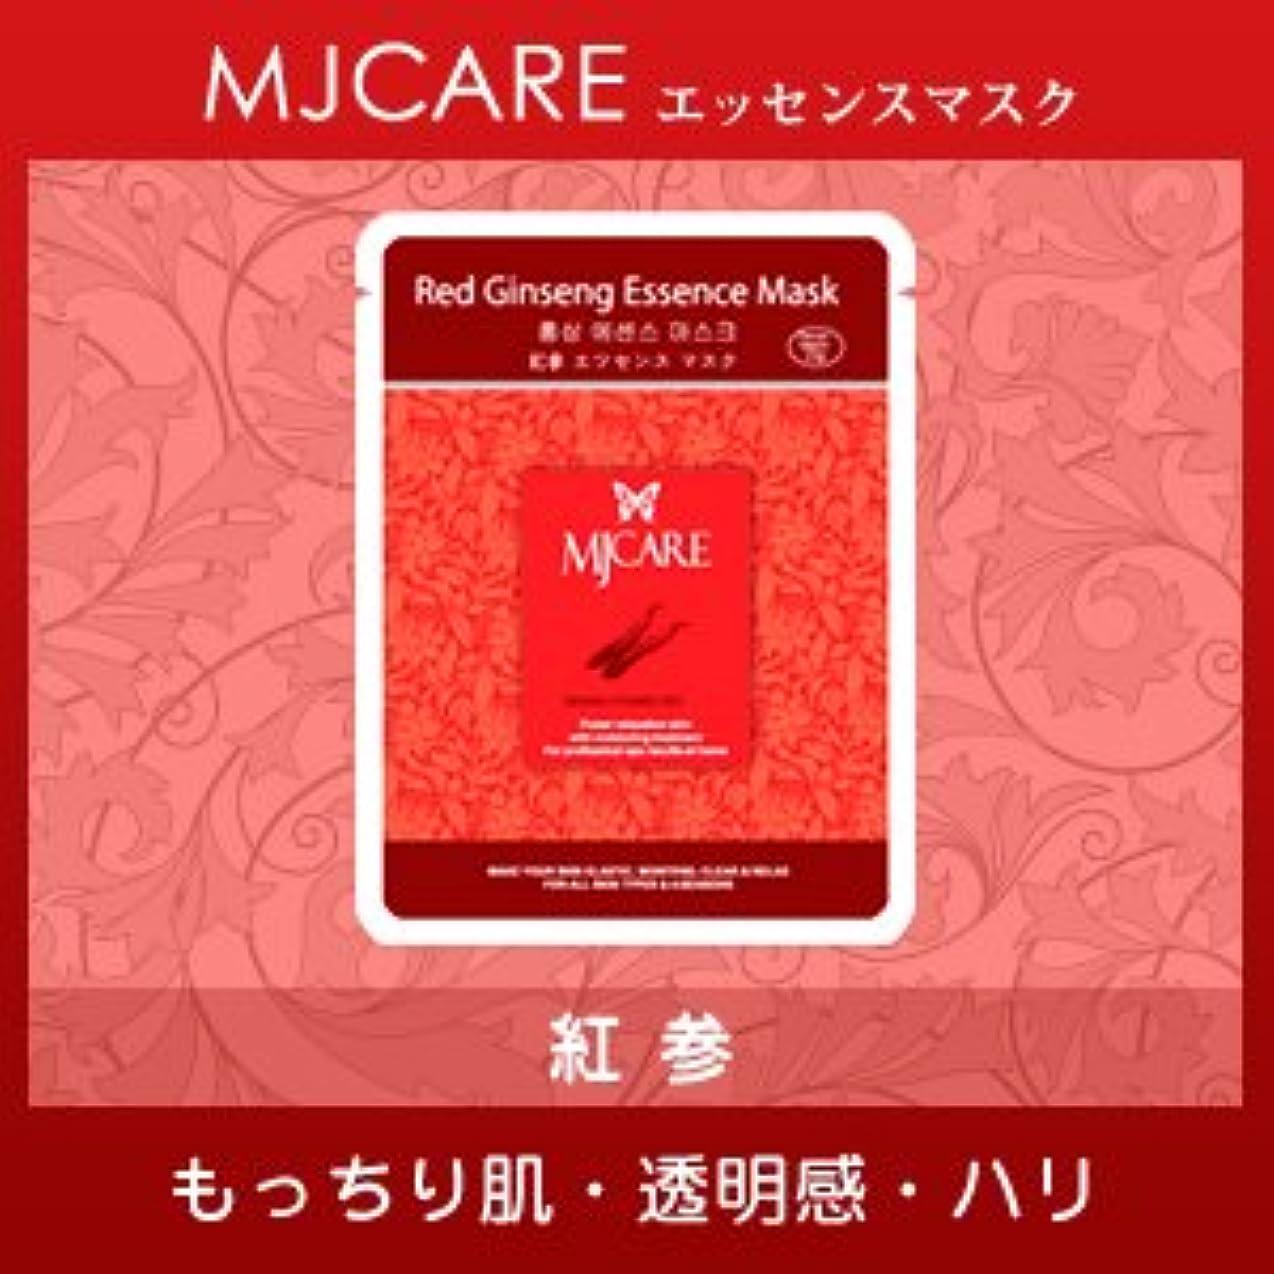 結婚する危機苗MJ-CAREエッセンスマスク 紅参10枚セット